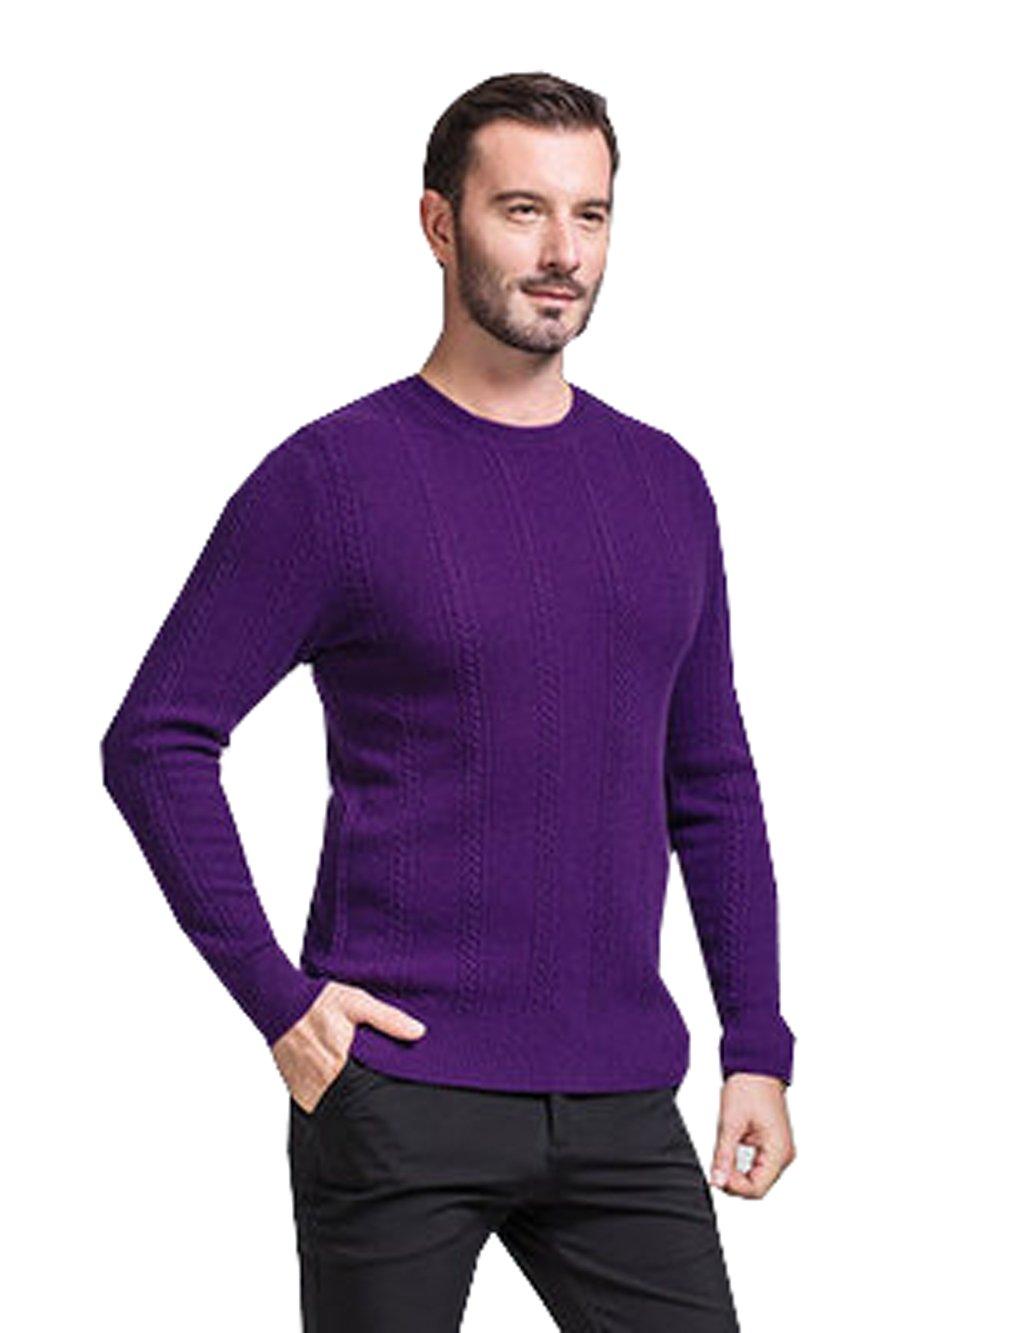 METERDE Men's Crew Neck Twist Detail Cashmere Knitted Jumper Purple L